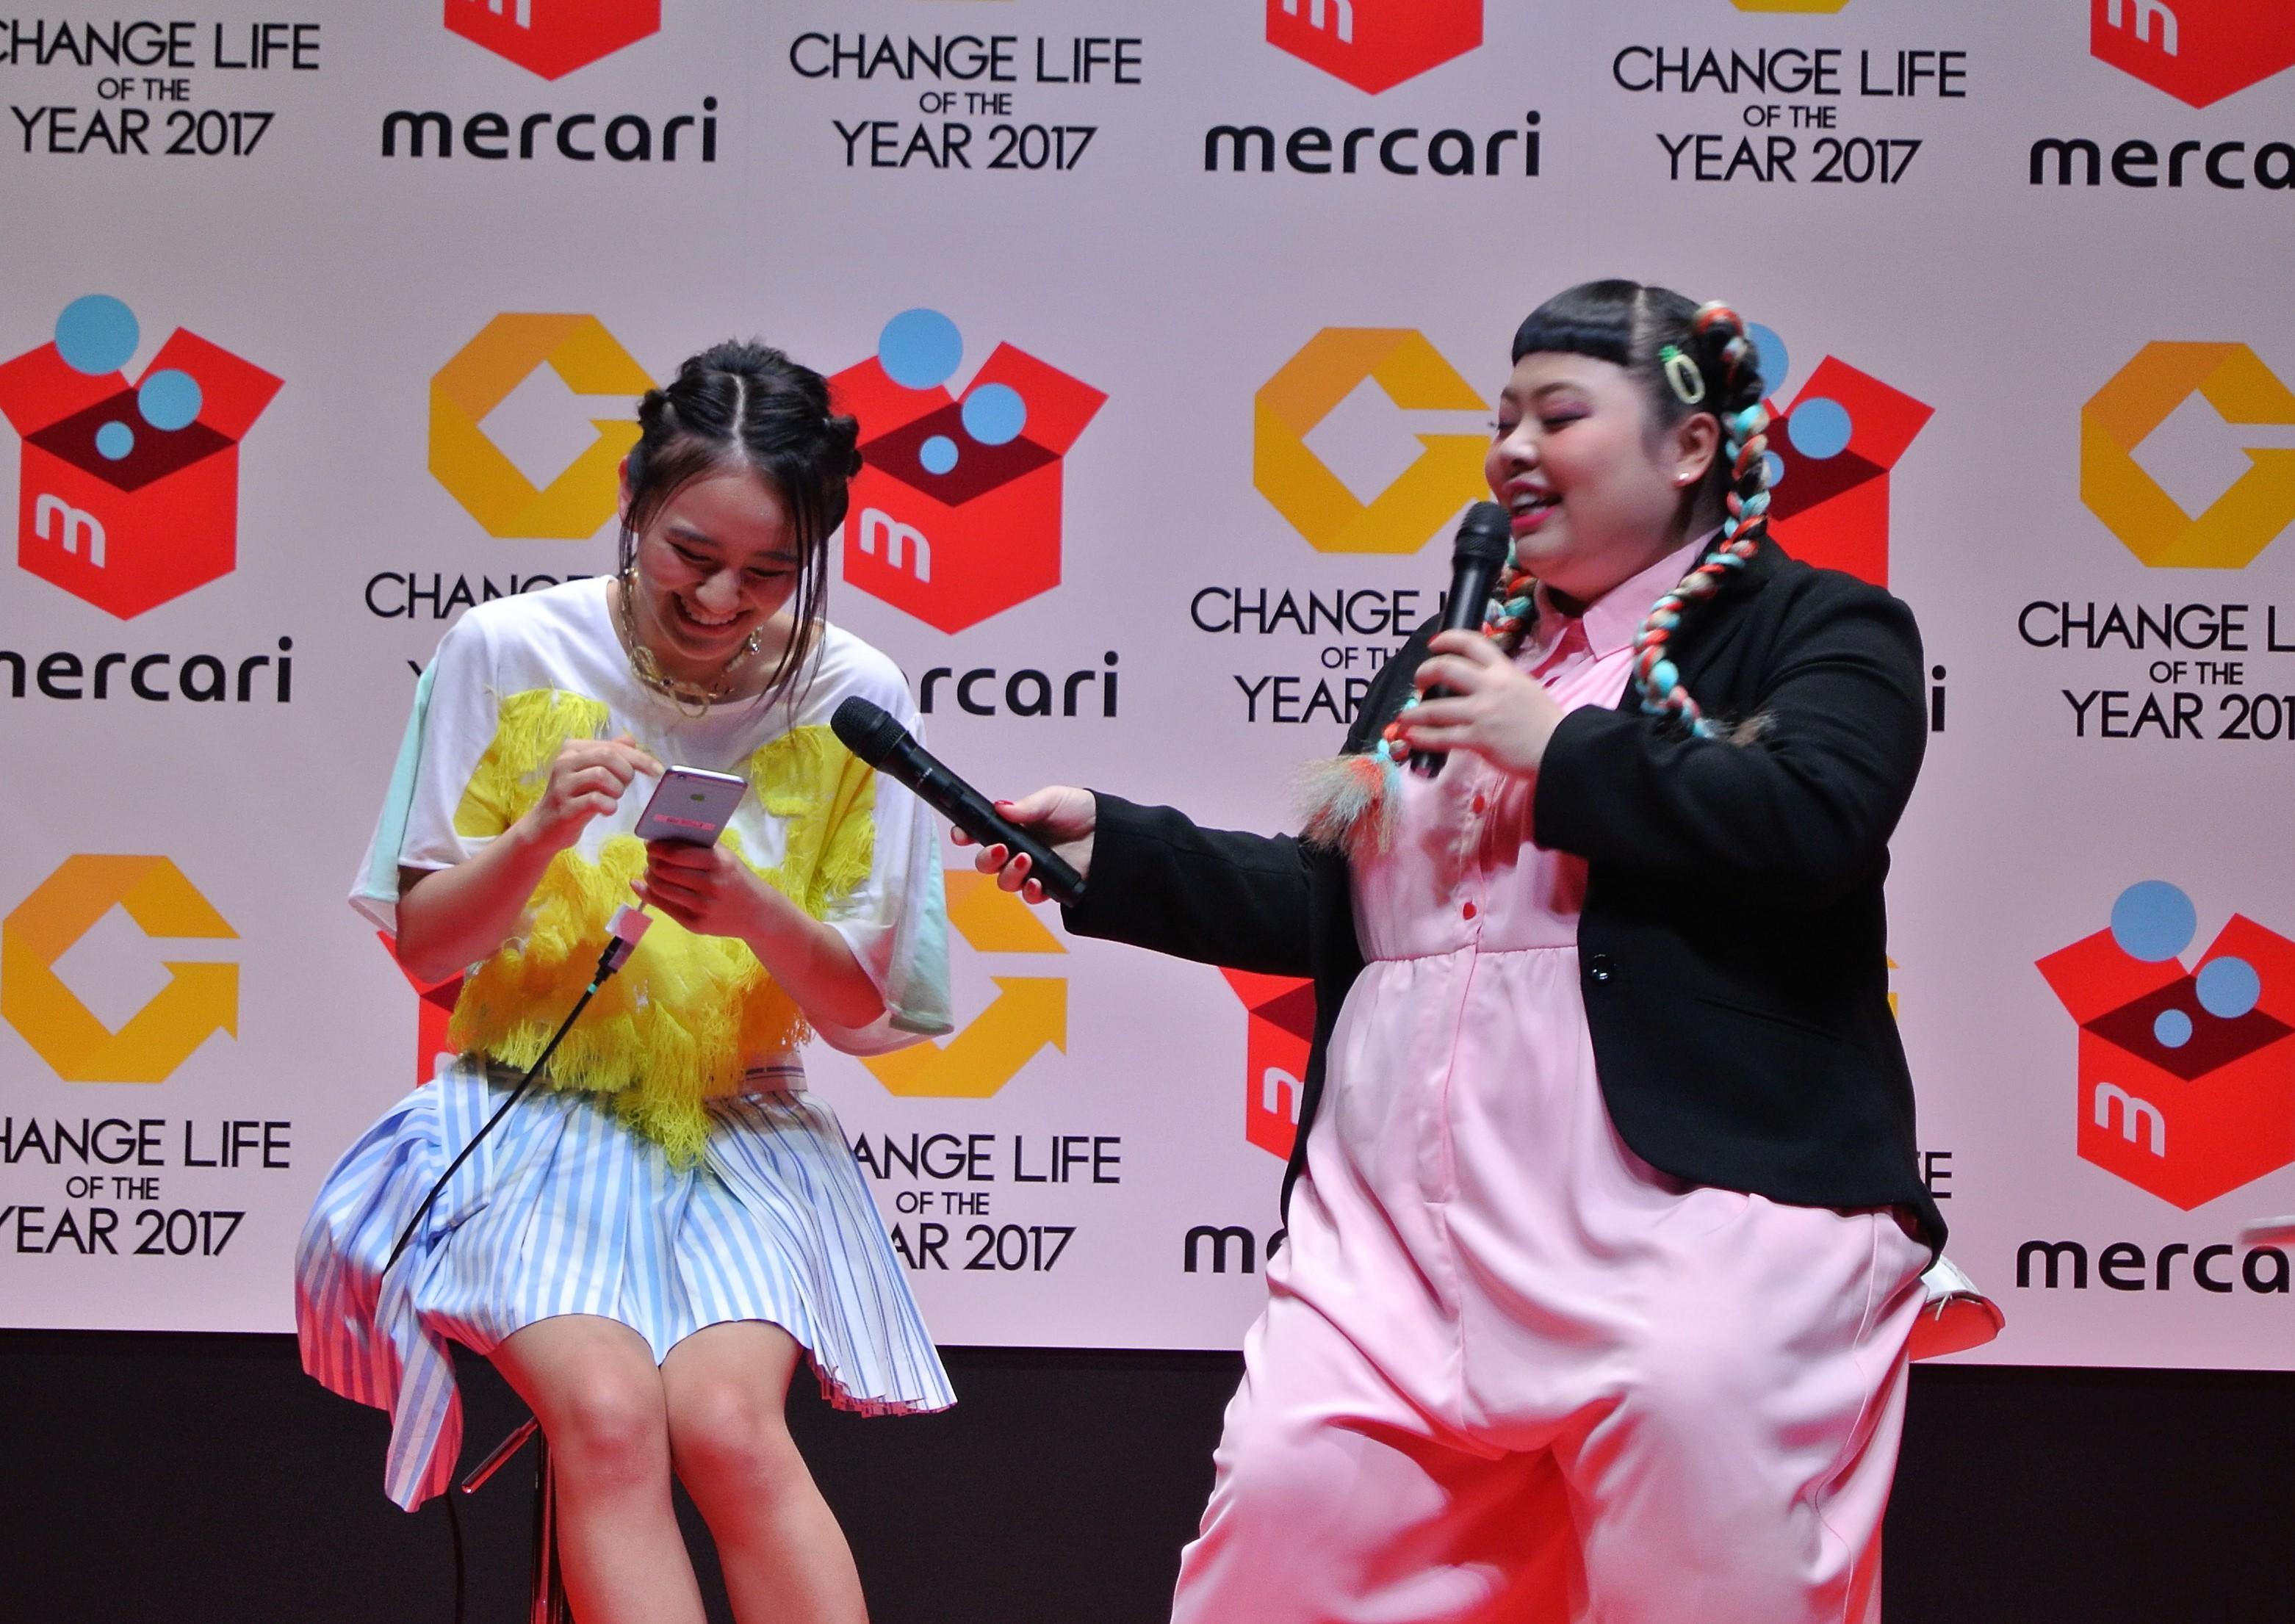 http://news.yoshimoto.co.jp/20170315180117-fb909412cd426b345e1869ceb8d9b773104efc88.jpg